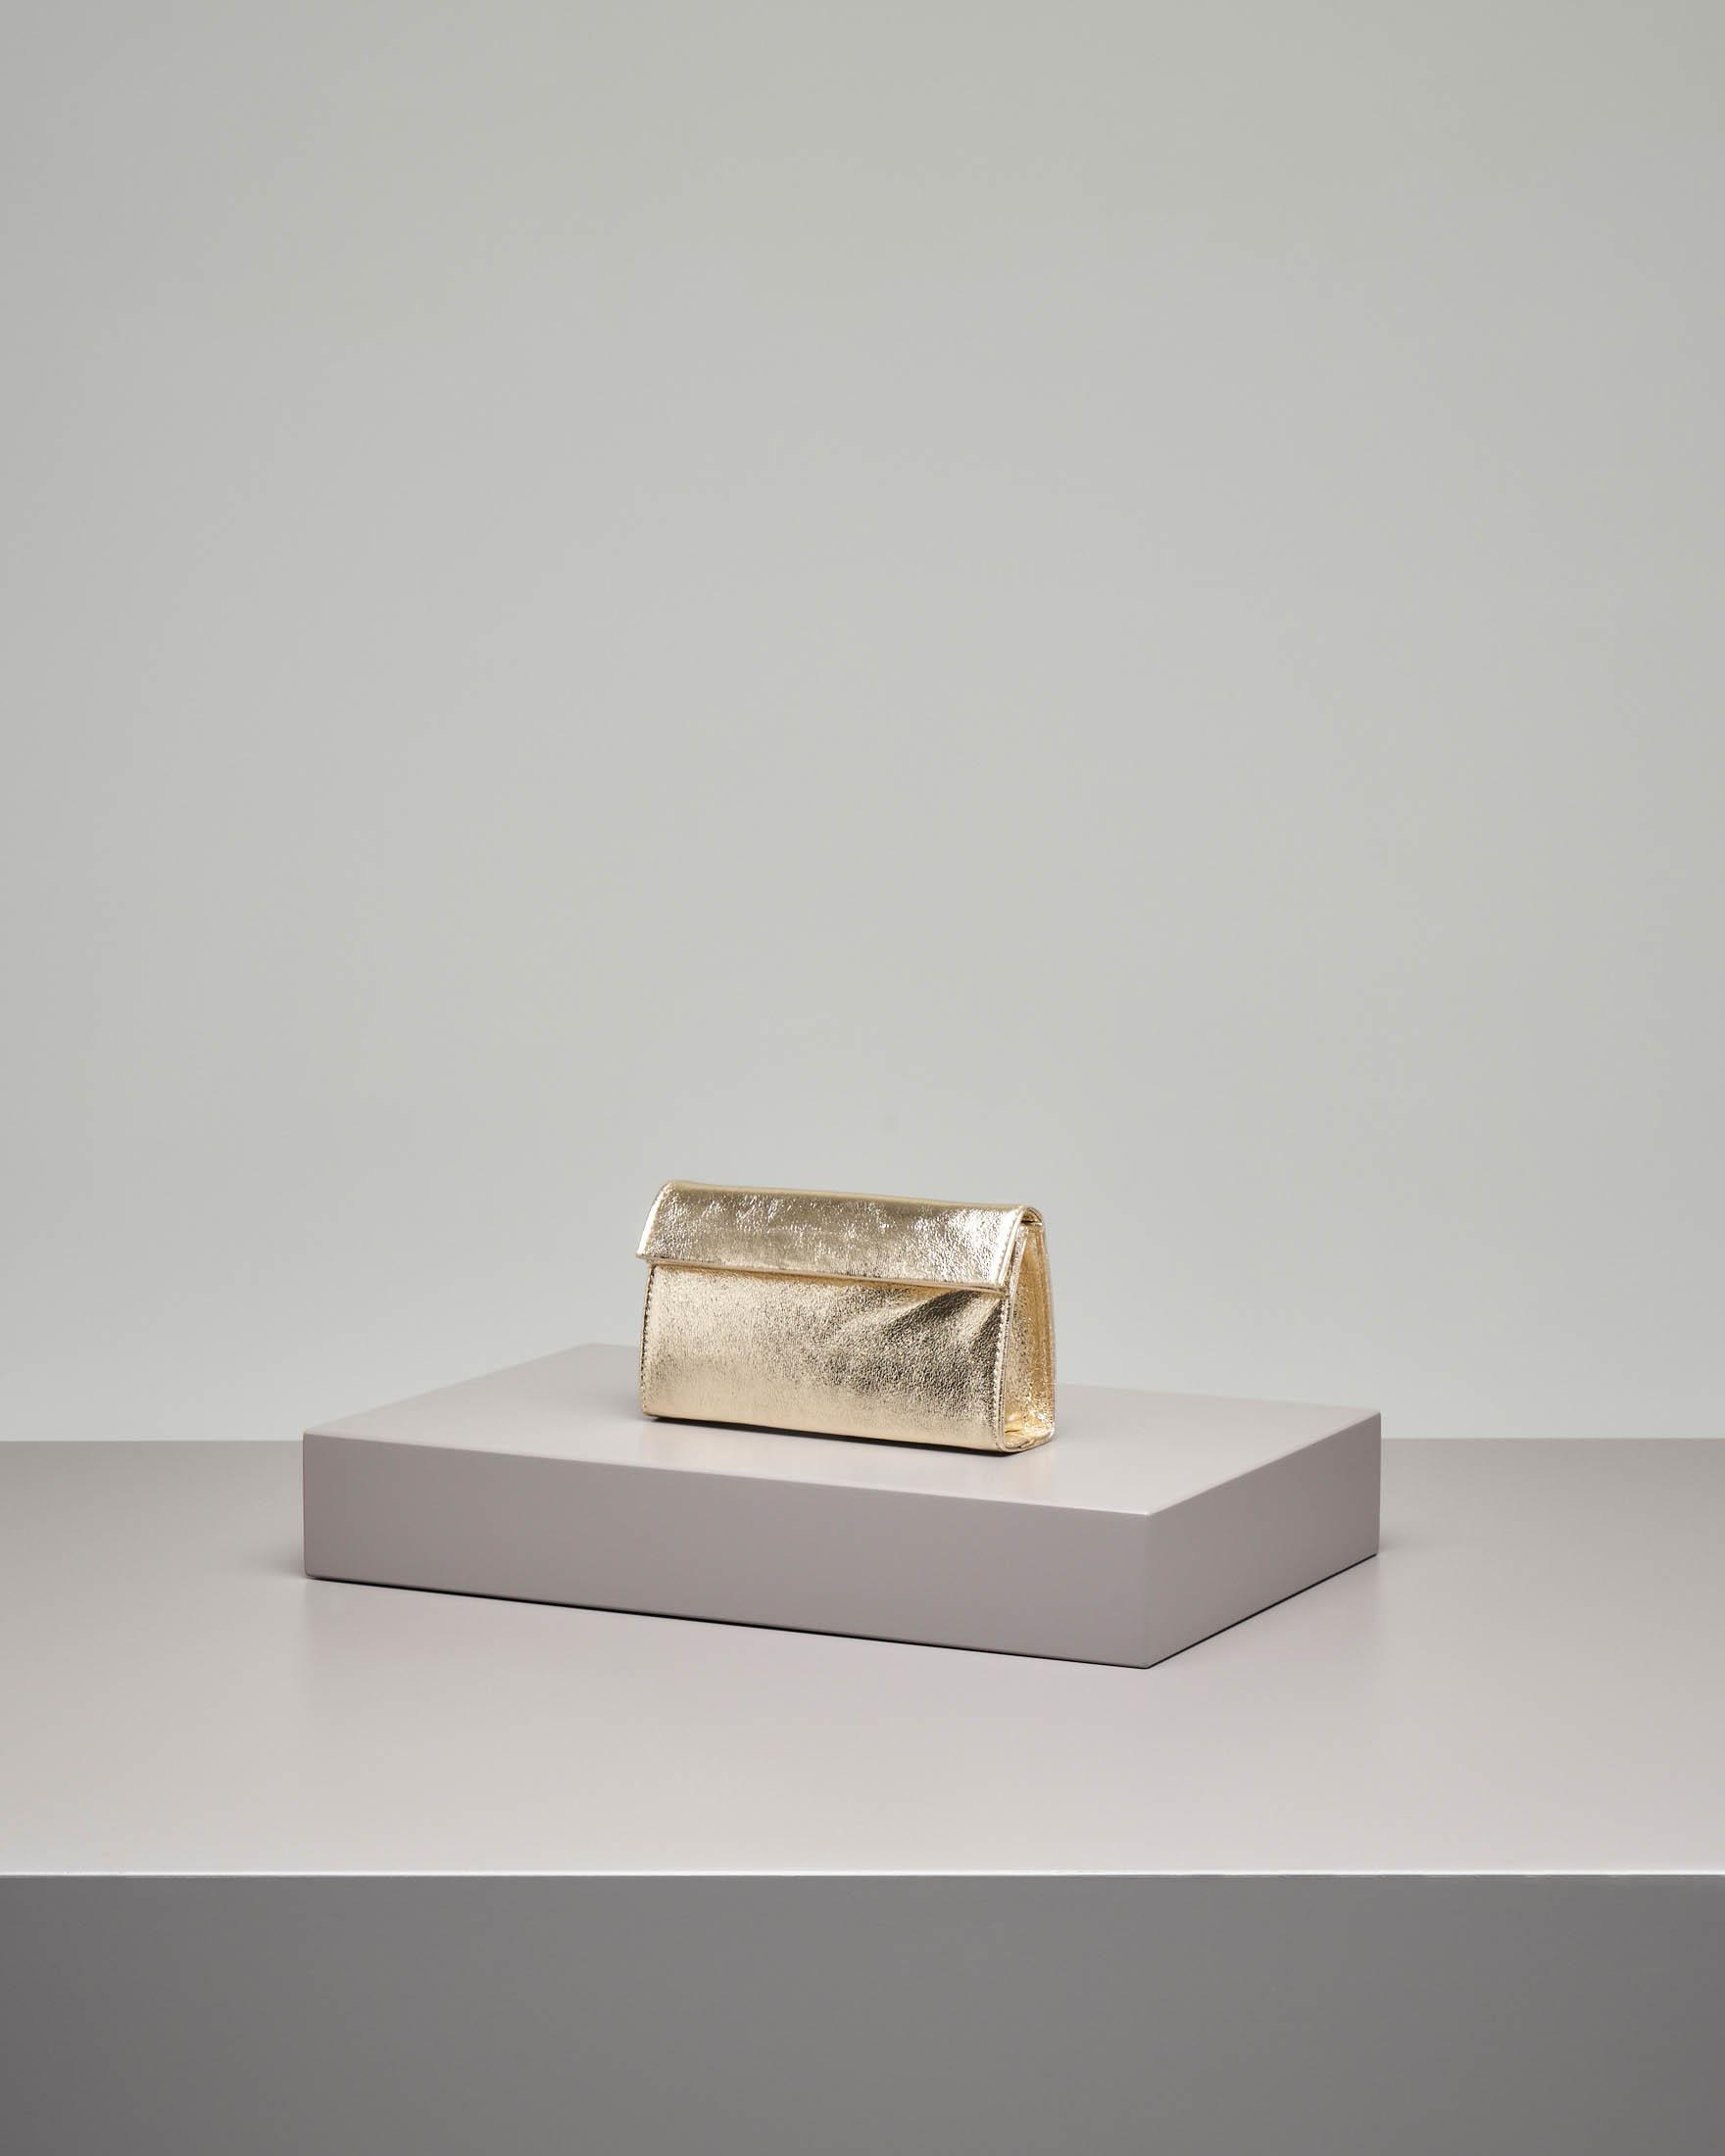 Pochette a base rigida in tessuto effetto laminato color oro con piccola patta